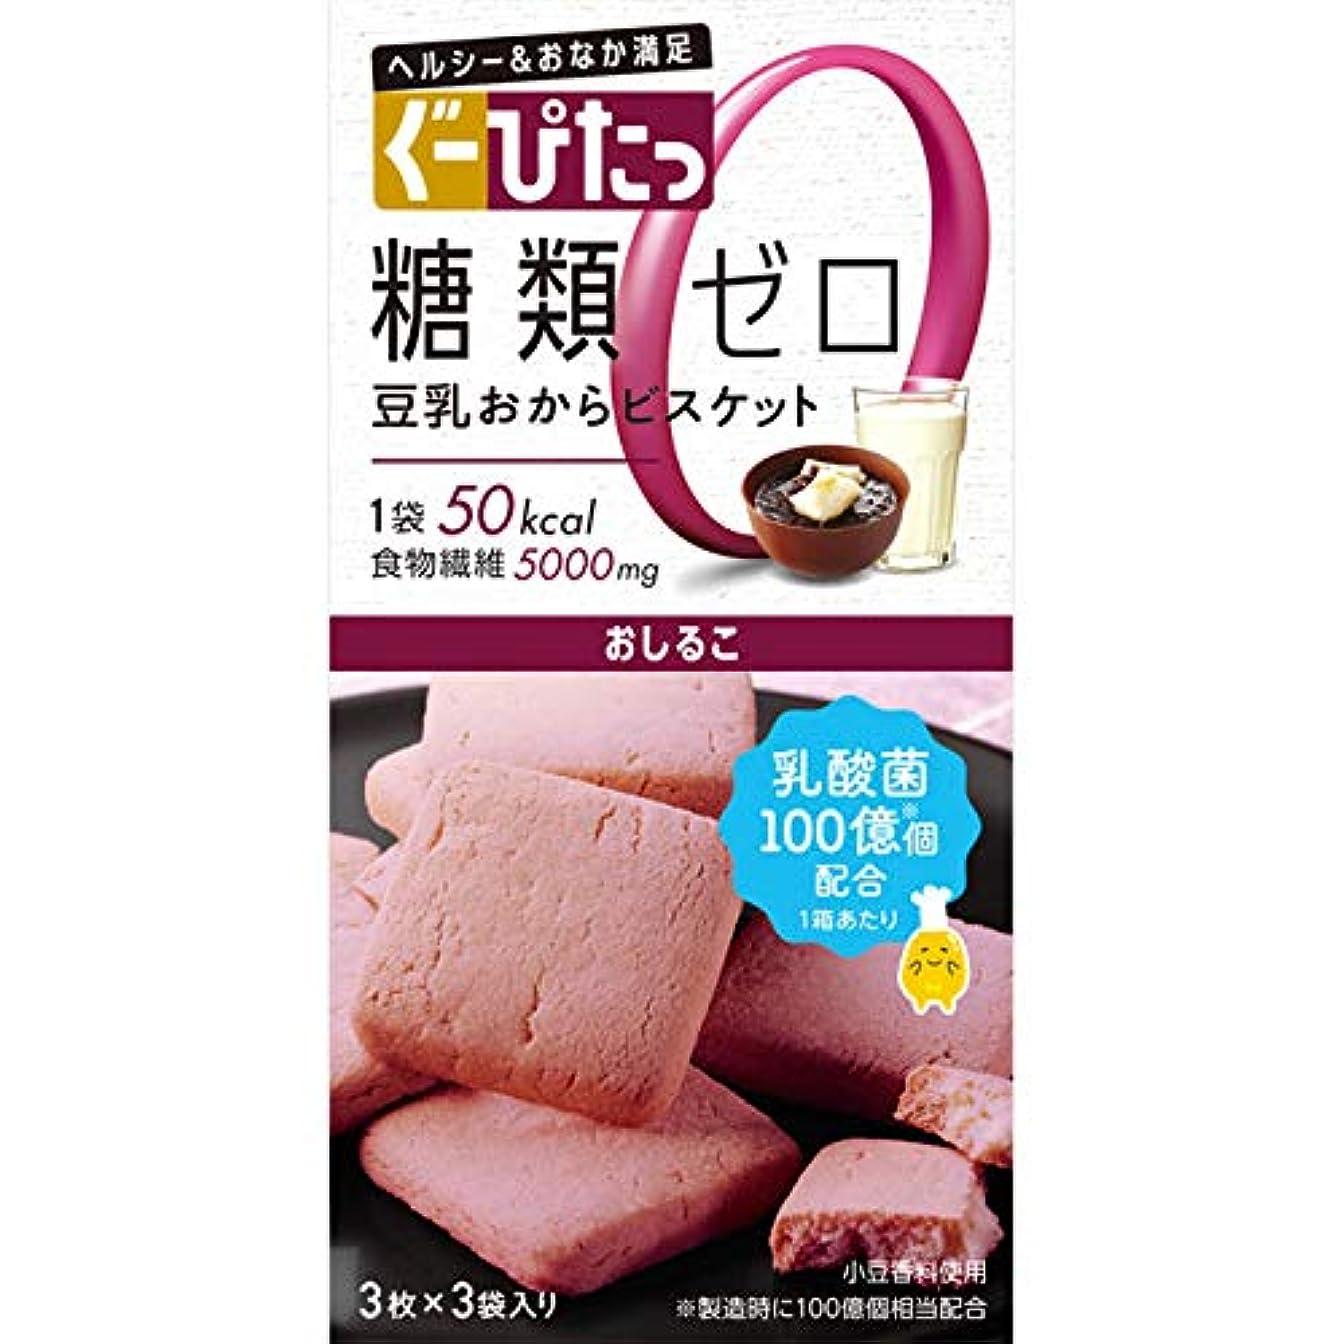 作業みぞれ繕うナリスアップ ぐーぴたっ 豆乳おからビスケット おしるこ (3枚×3袋) ダイエット食品